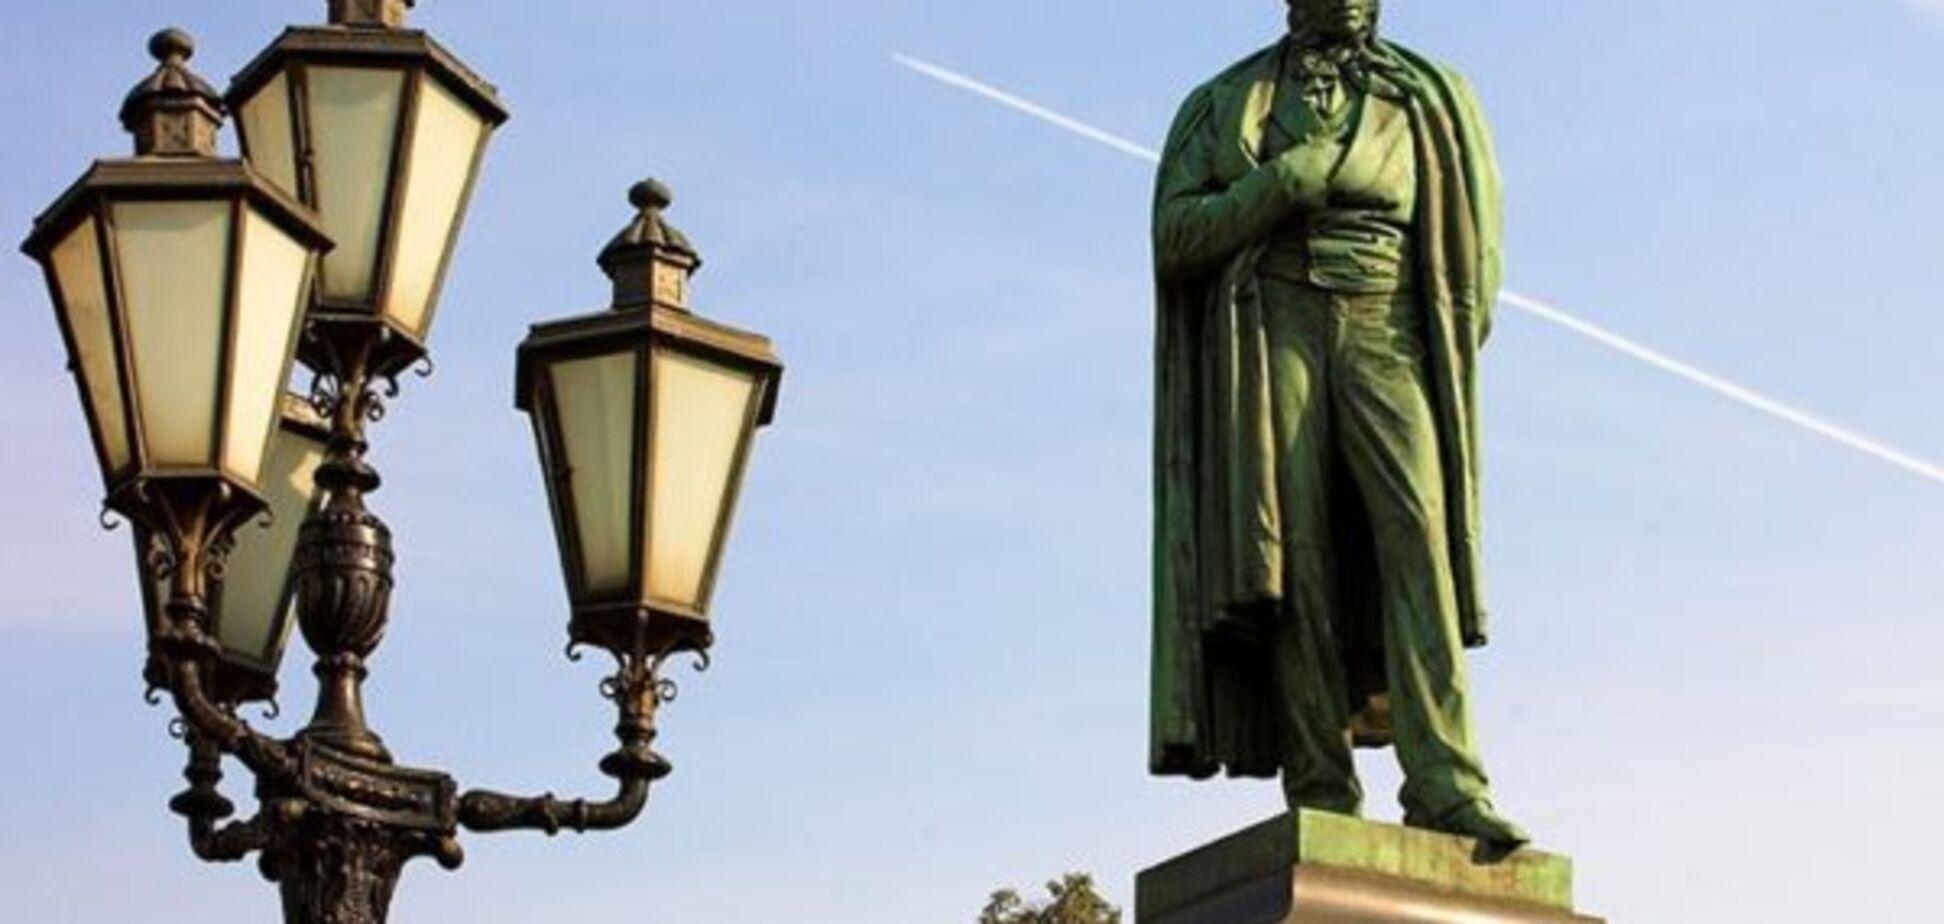 Пушкін перекинувся в труні: німкеню 'сексуально' принизили біля пам'ятника в центрі Москви